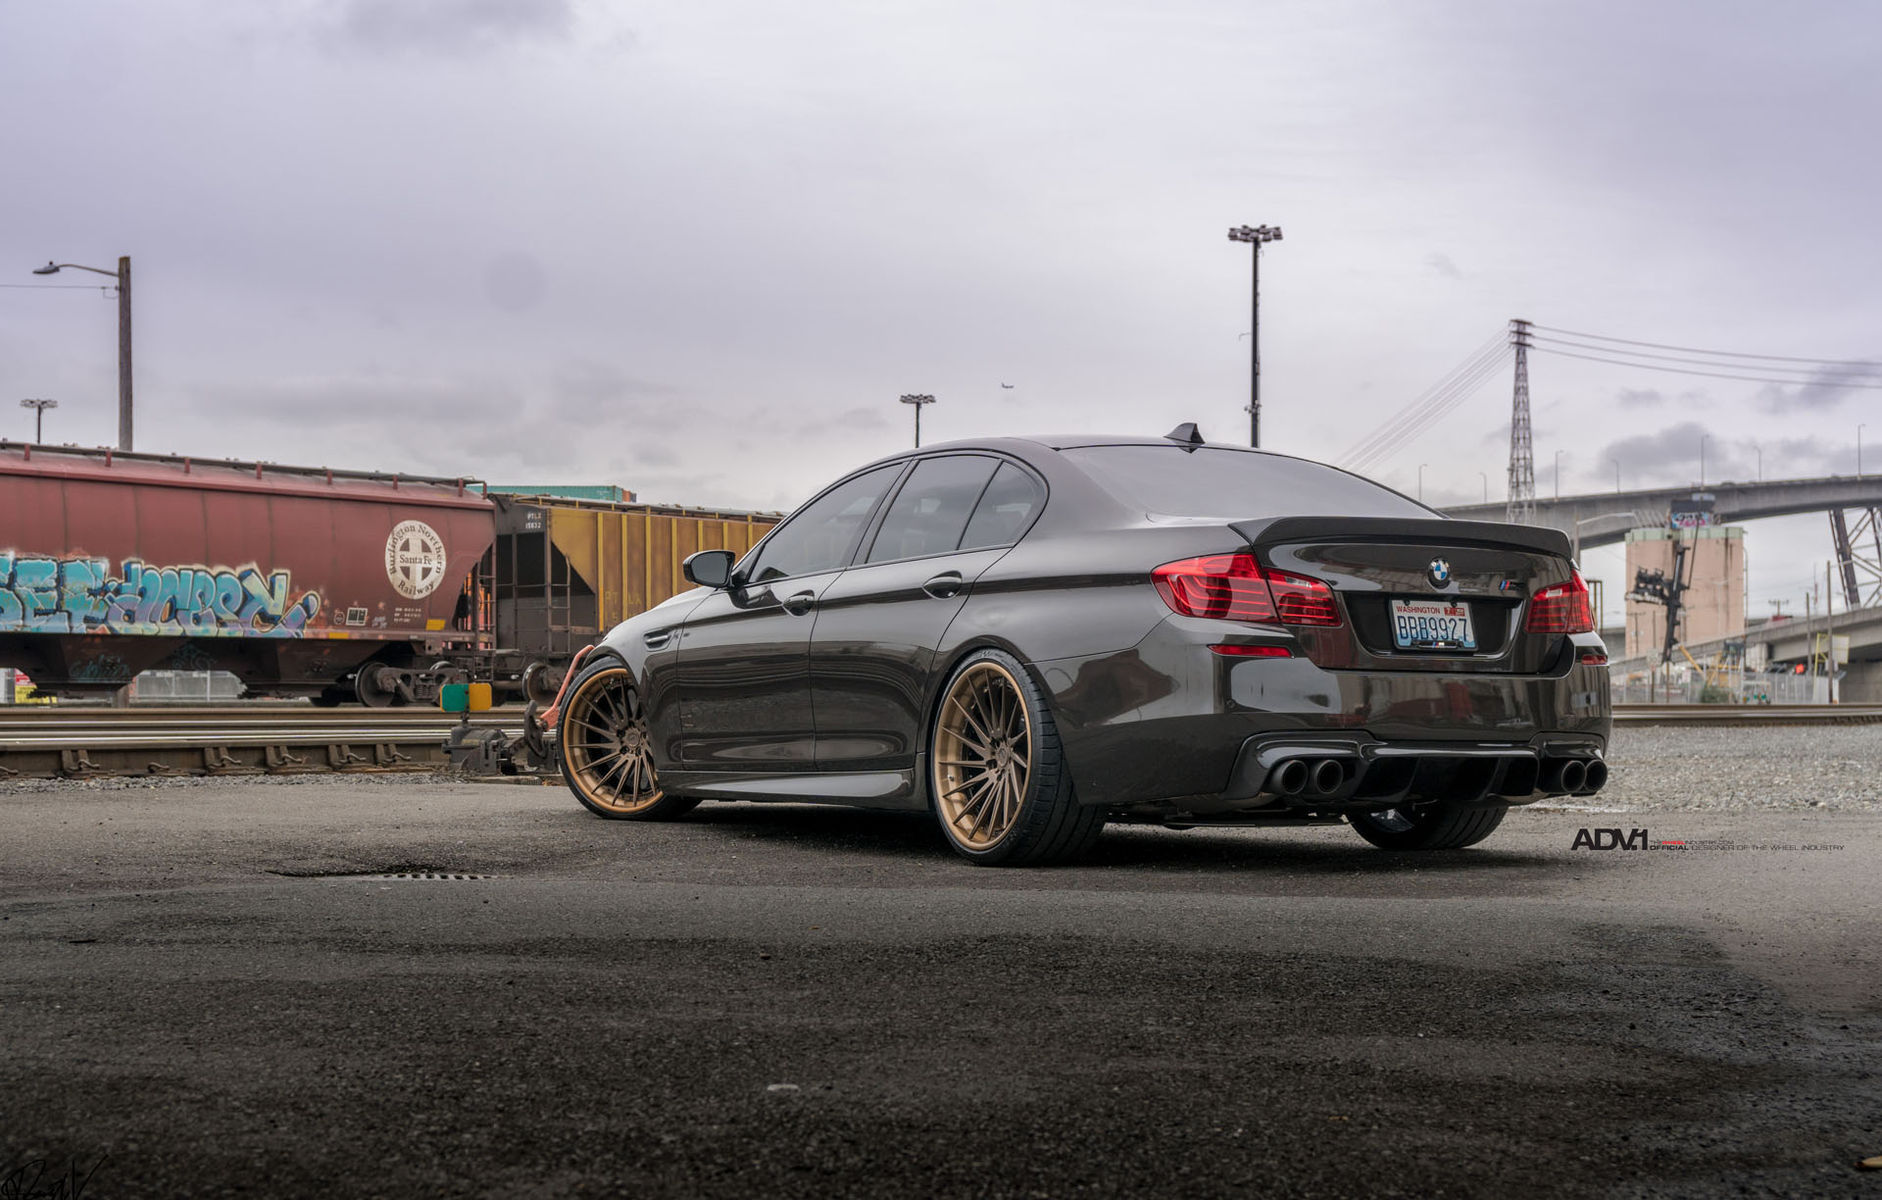 2015 BMW M5 | Black BMW F10 M5